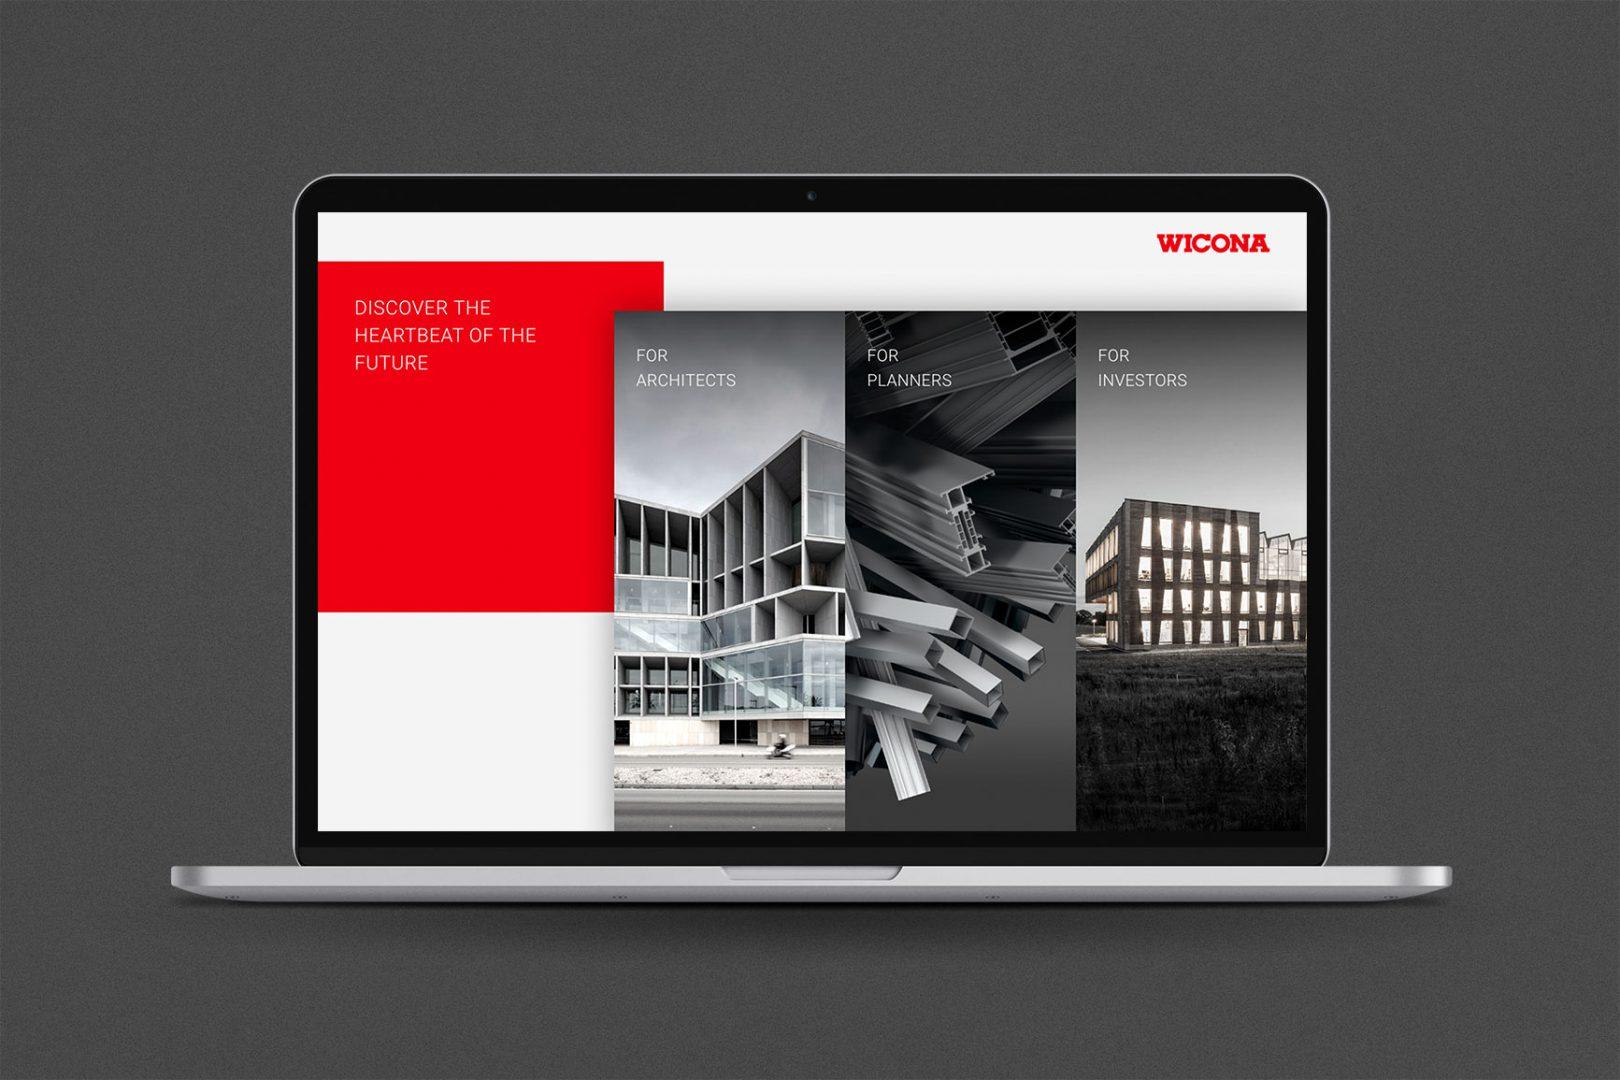 atelier-522-wicona-16